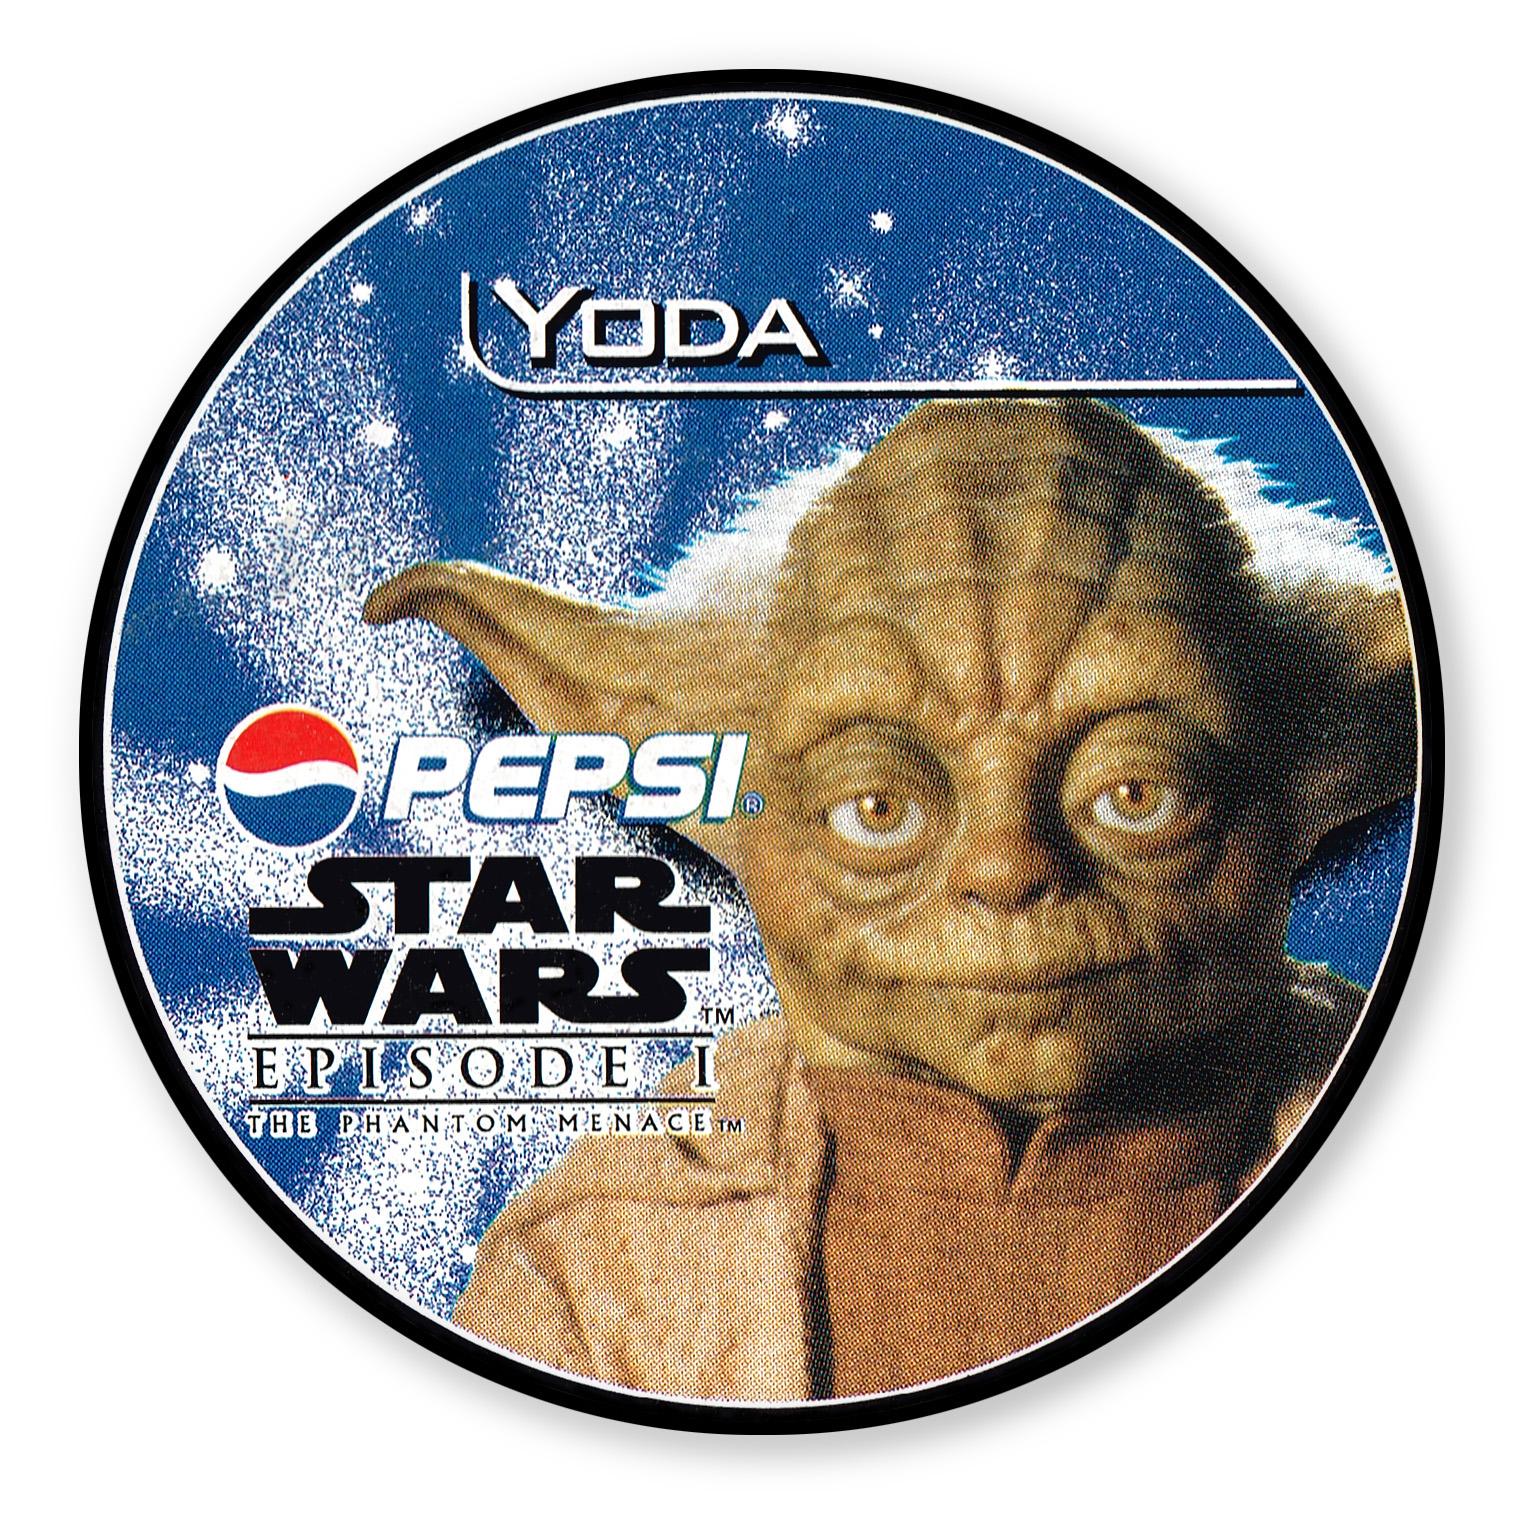 Yoda Pepsi card (NZ, 1999)